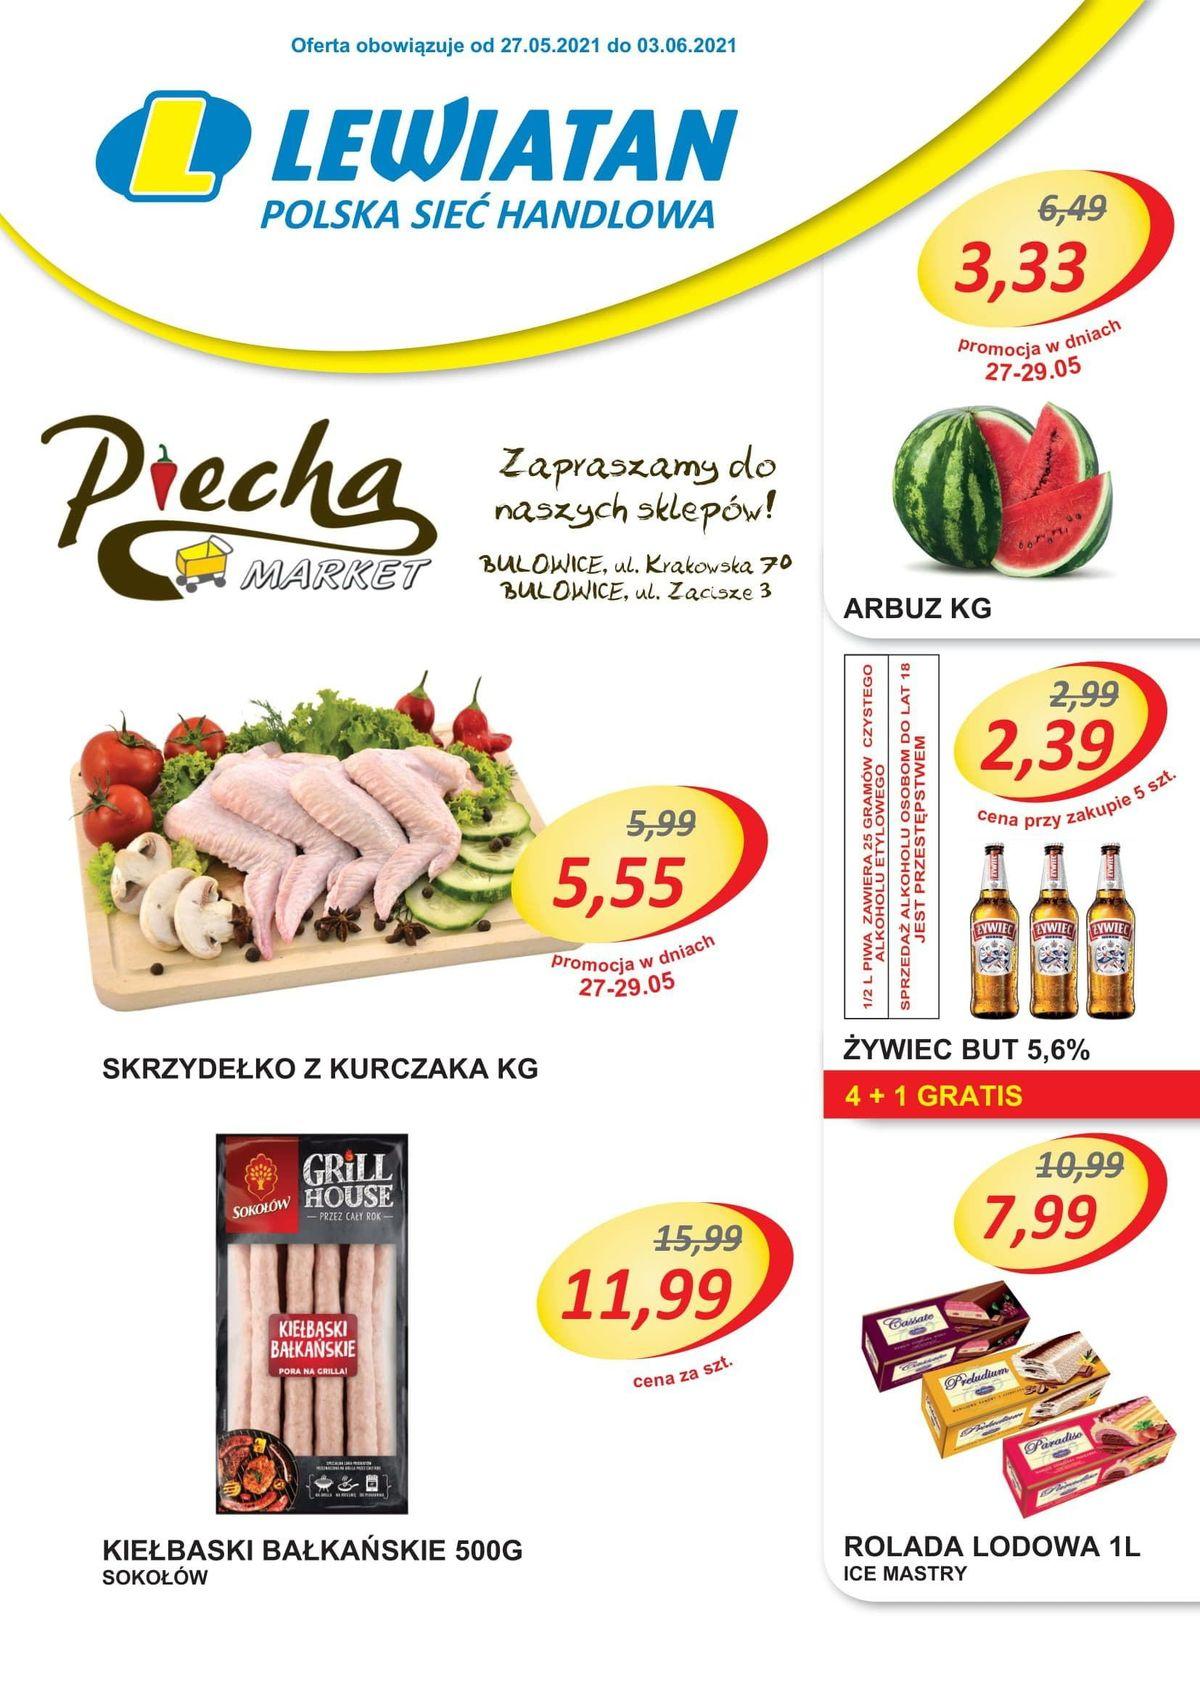 Lewiatan Piecha Market w Bulowicach. Promocje 27 maja - 3 czerwca